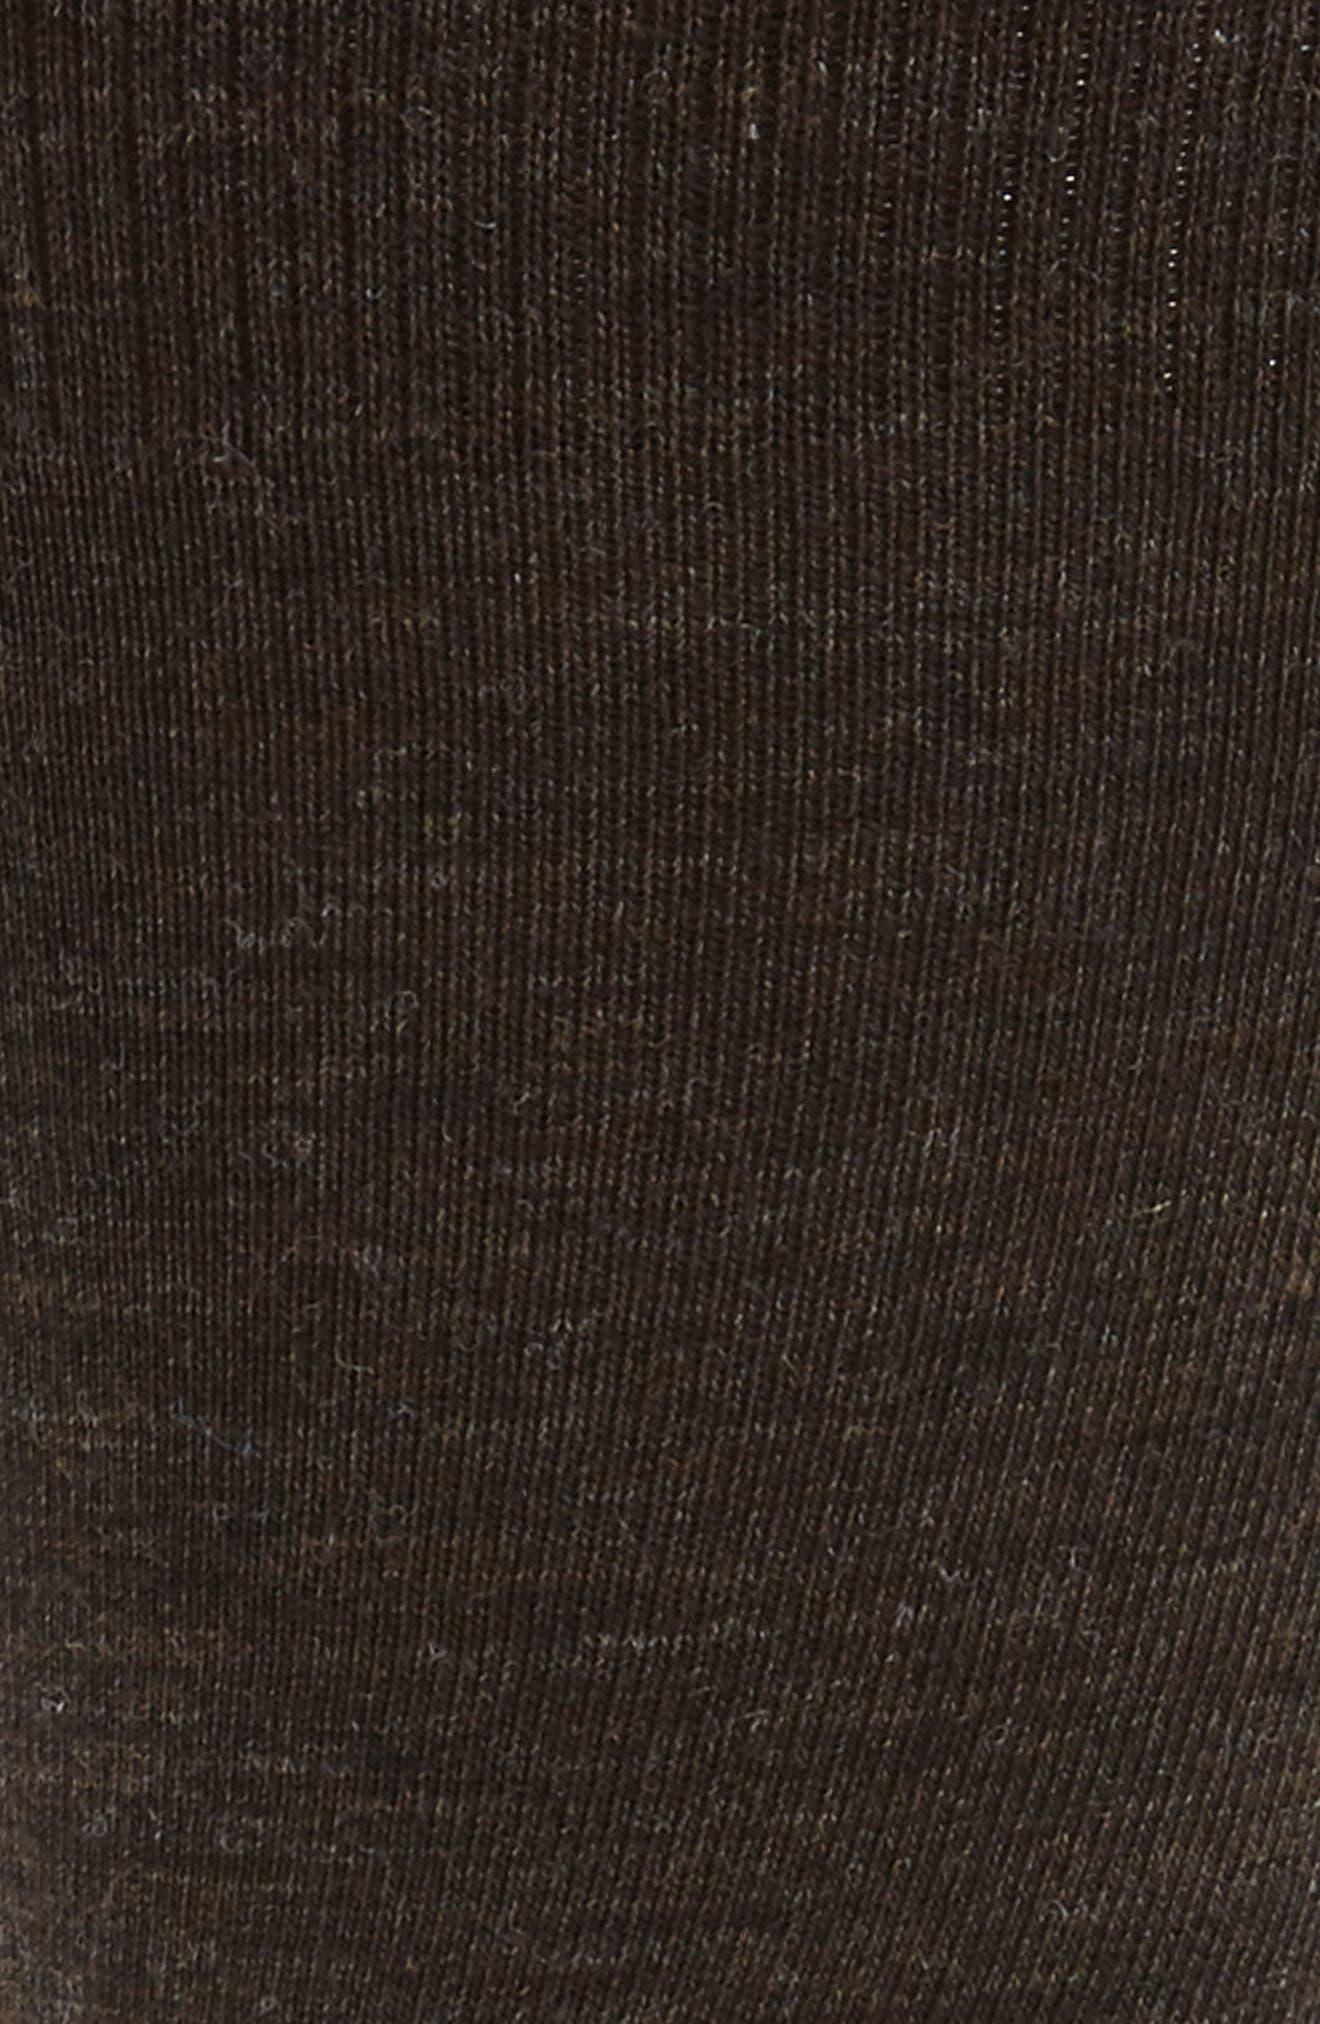 Alternate Image 2  - Smartwool 'Anchor Line' Merino Wool Blend Socks